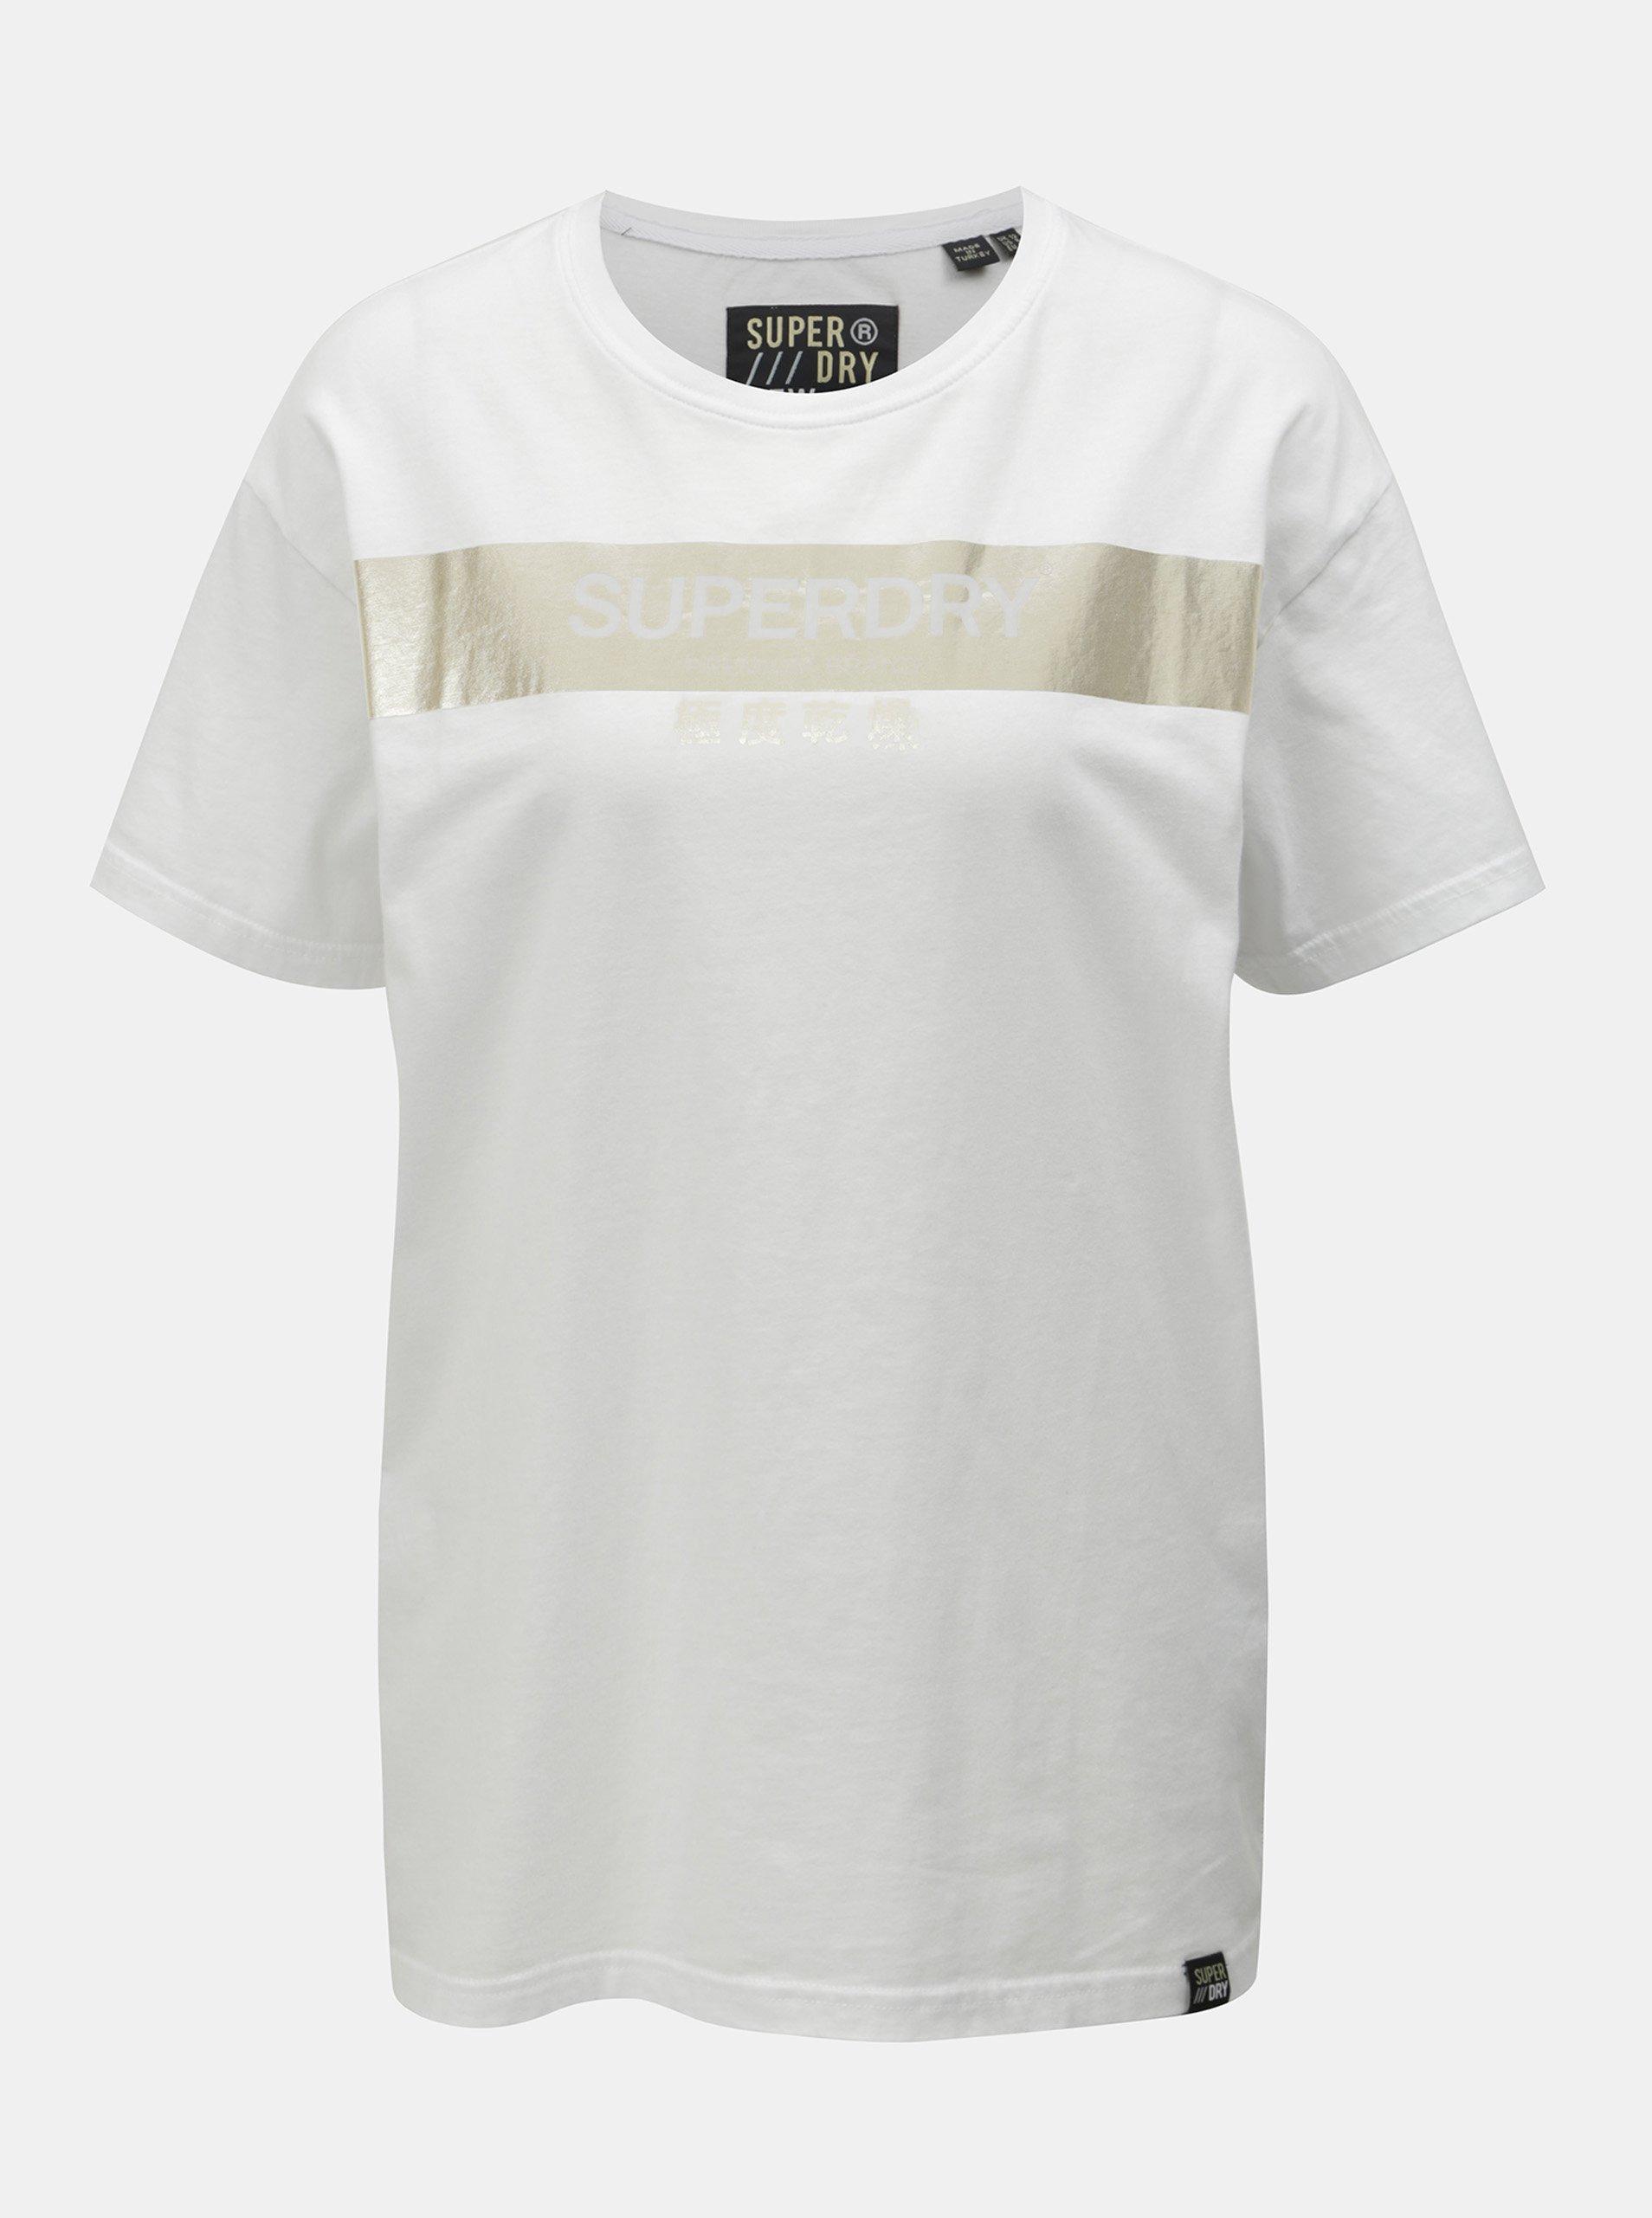 db64cda6c70d Bílé dámské volné tričko s potiskem Superdry